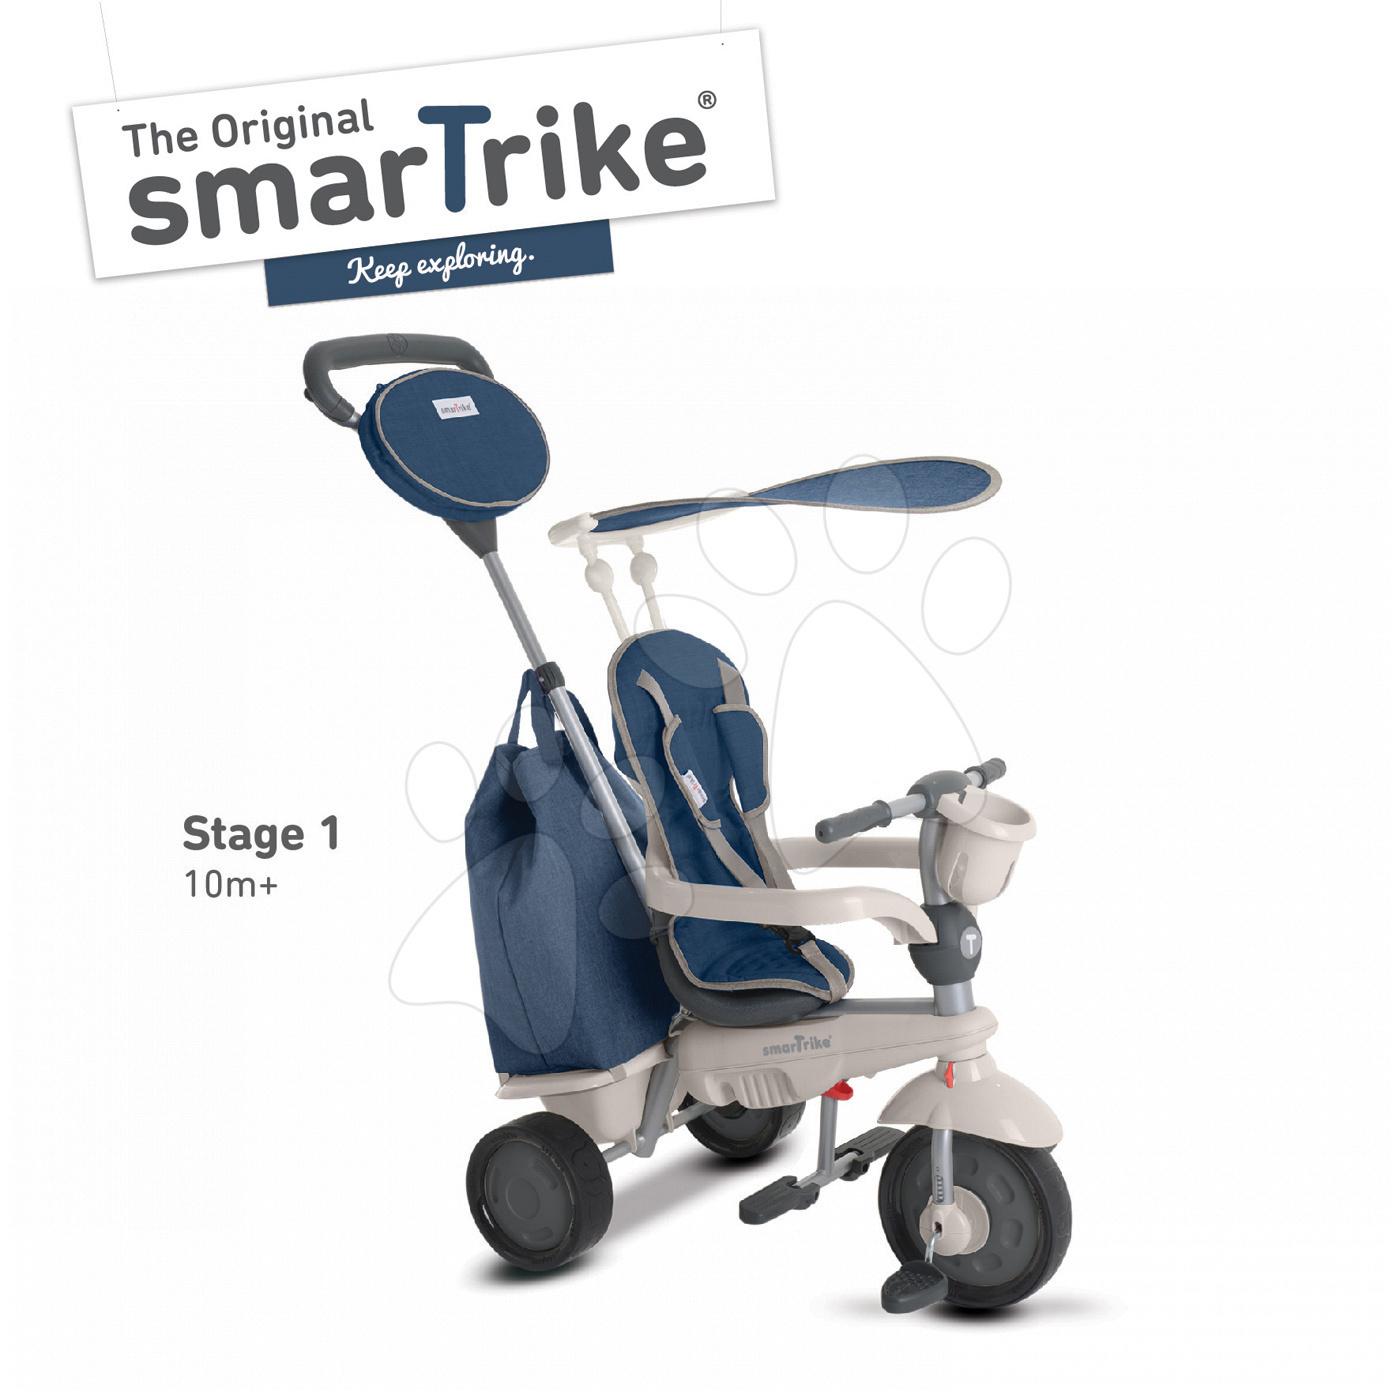 Tříkolka Voyage Touch Steering 4v1 smarTrike s 2 taškami a sluneční clonou modro-šedá od 10 měsíců